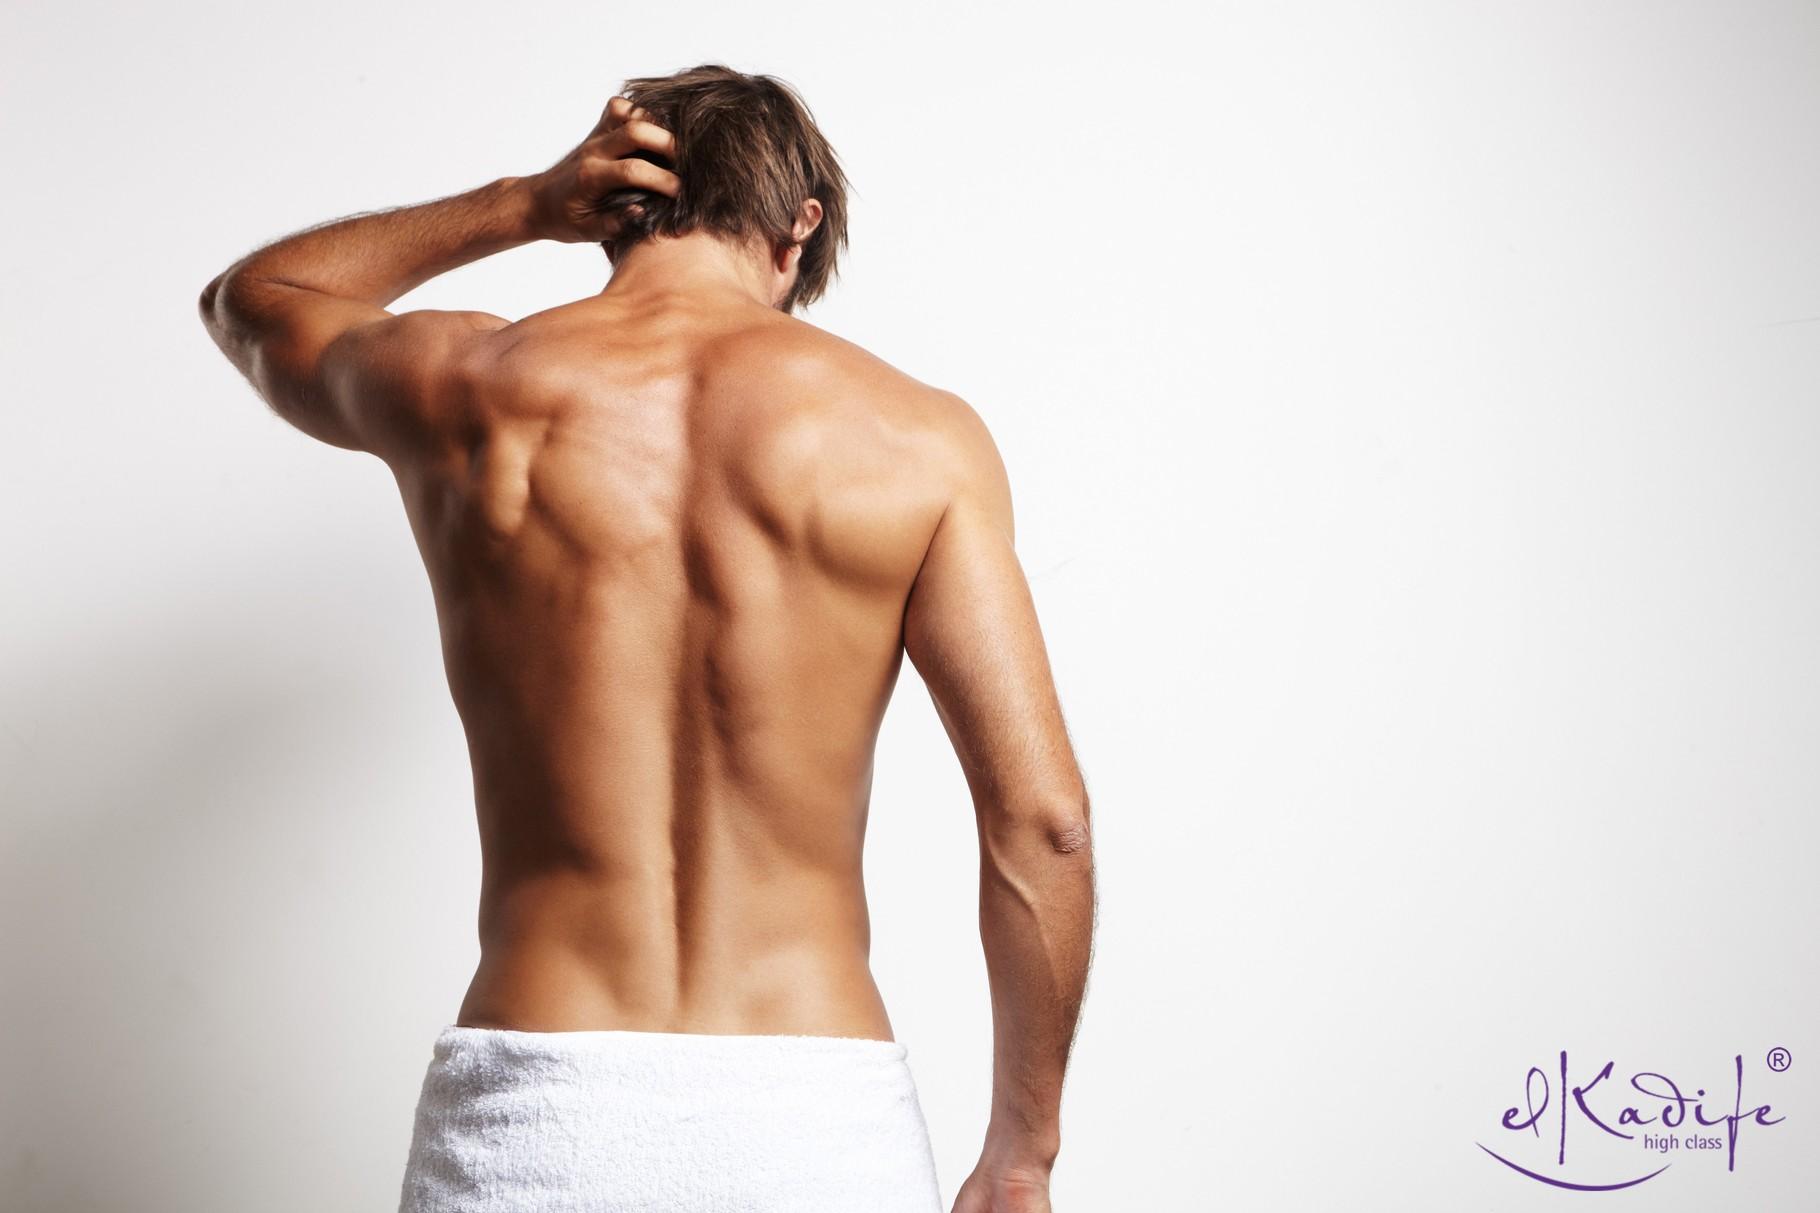 Enthaarter Männerkörper, Brust, Achseln, Rücken, Beine